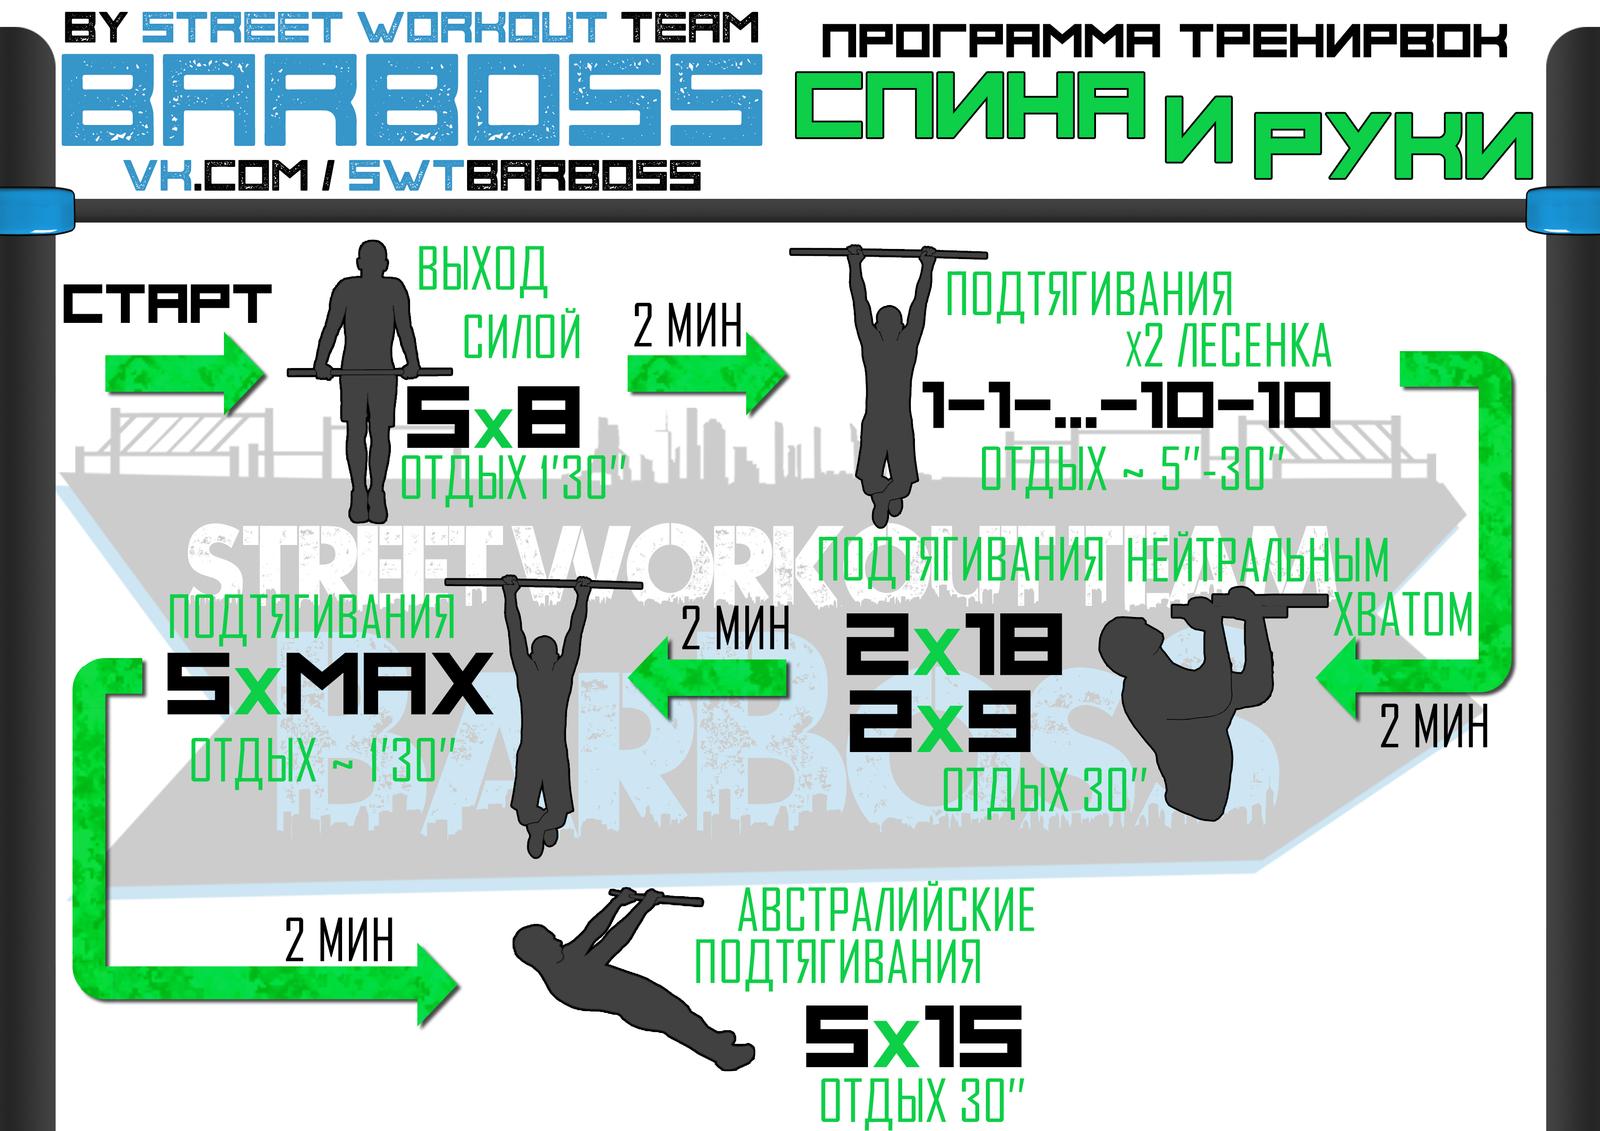 Программы для тренировок на уличных площадках Физкультура, Тренировка,  Calisthenics, Длиннопост, Программа тренировок 34d063df448